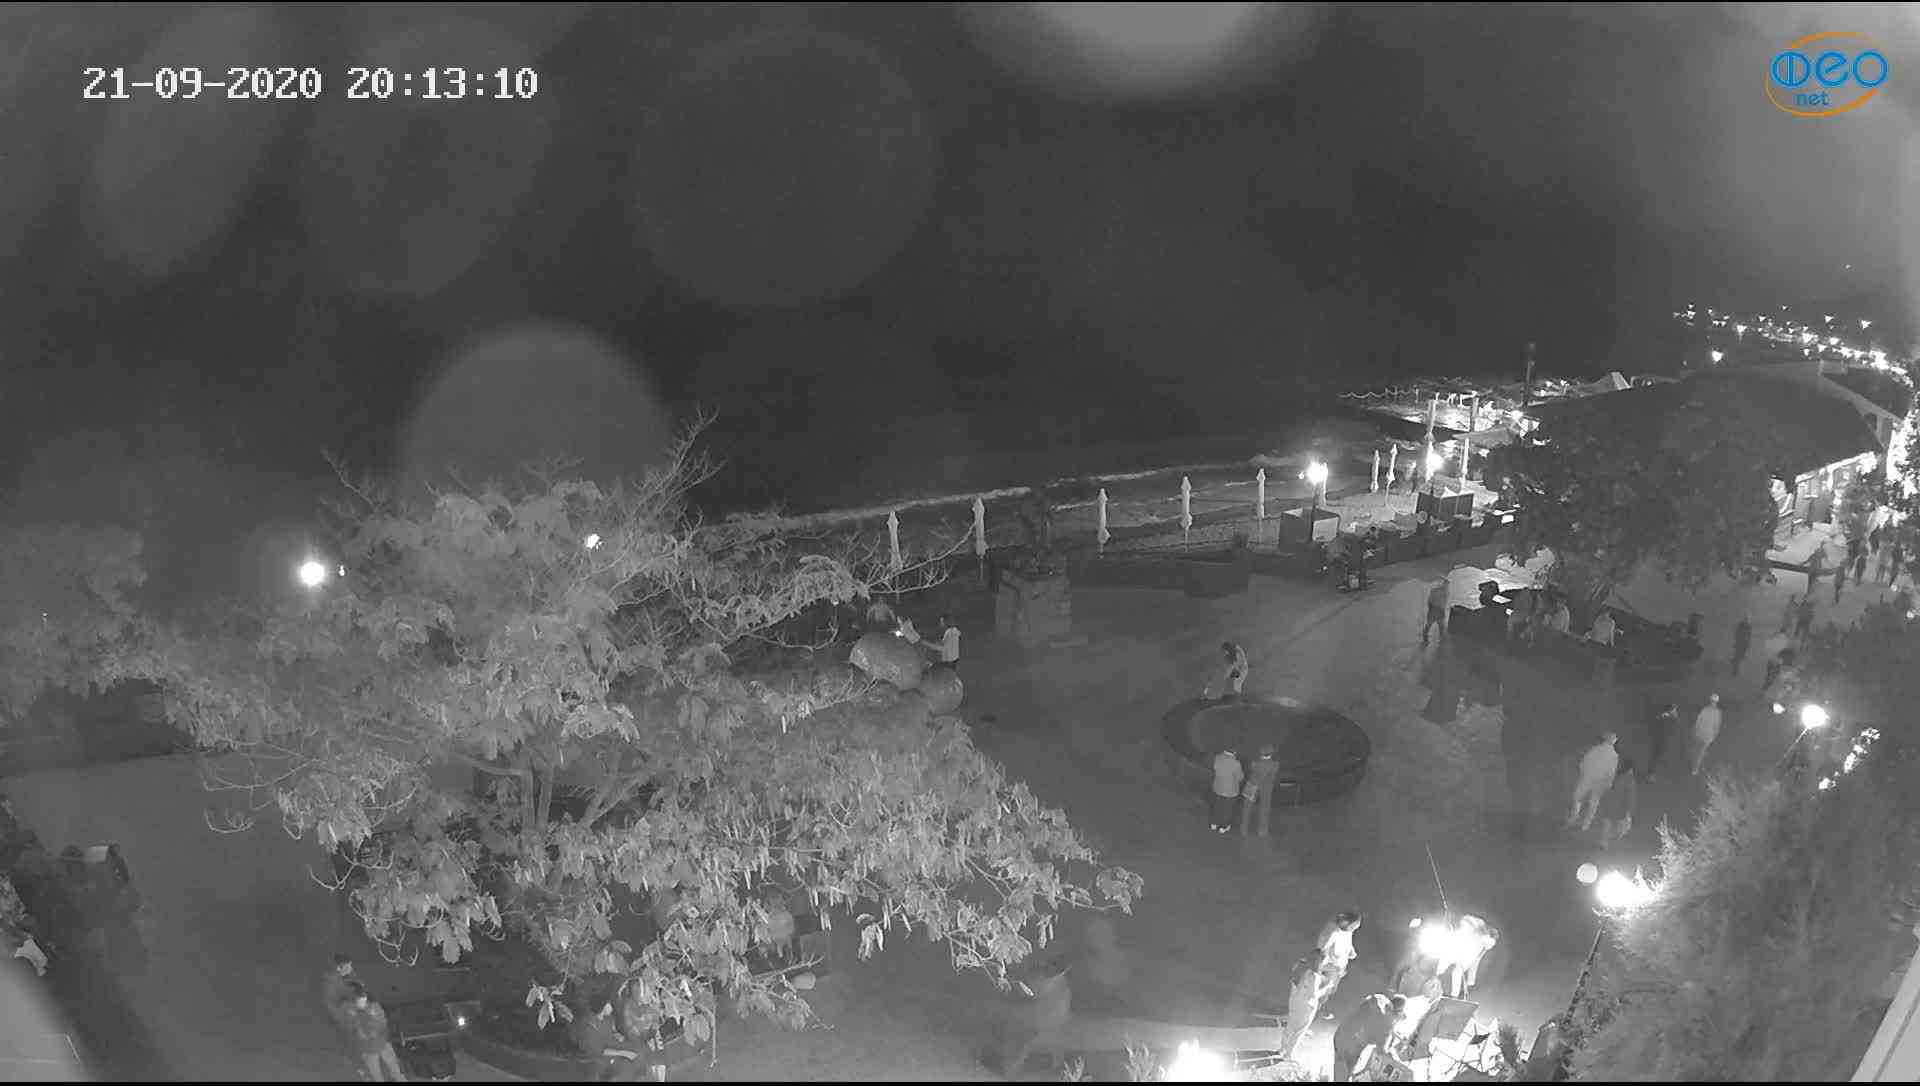 Веб-камеры Феодосии, Набережная Коктебель перед домом Волошина, 2020-09-21 20:13:28